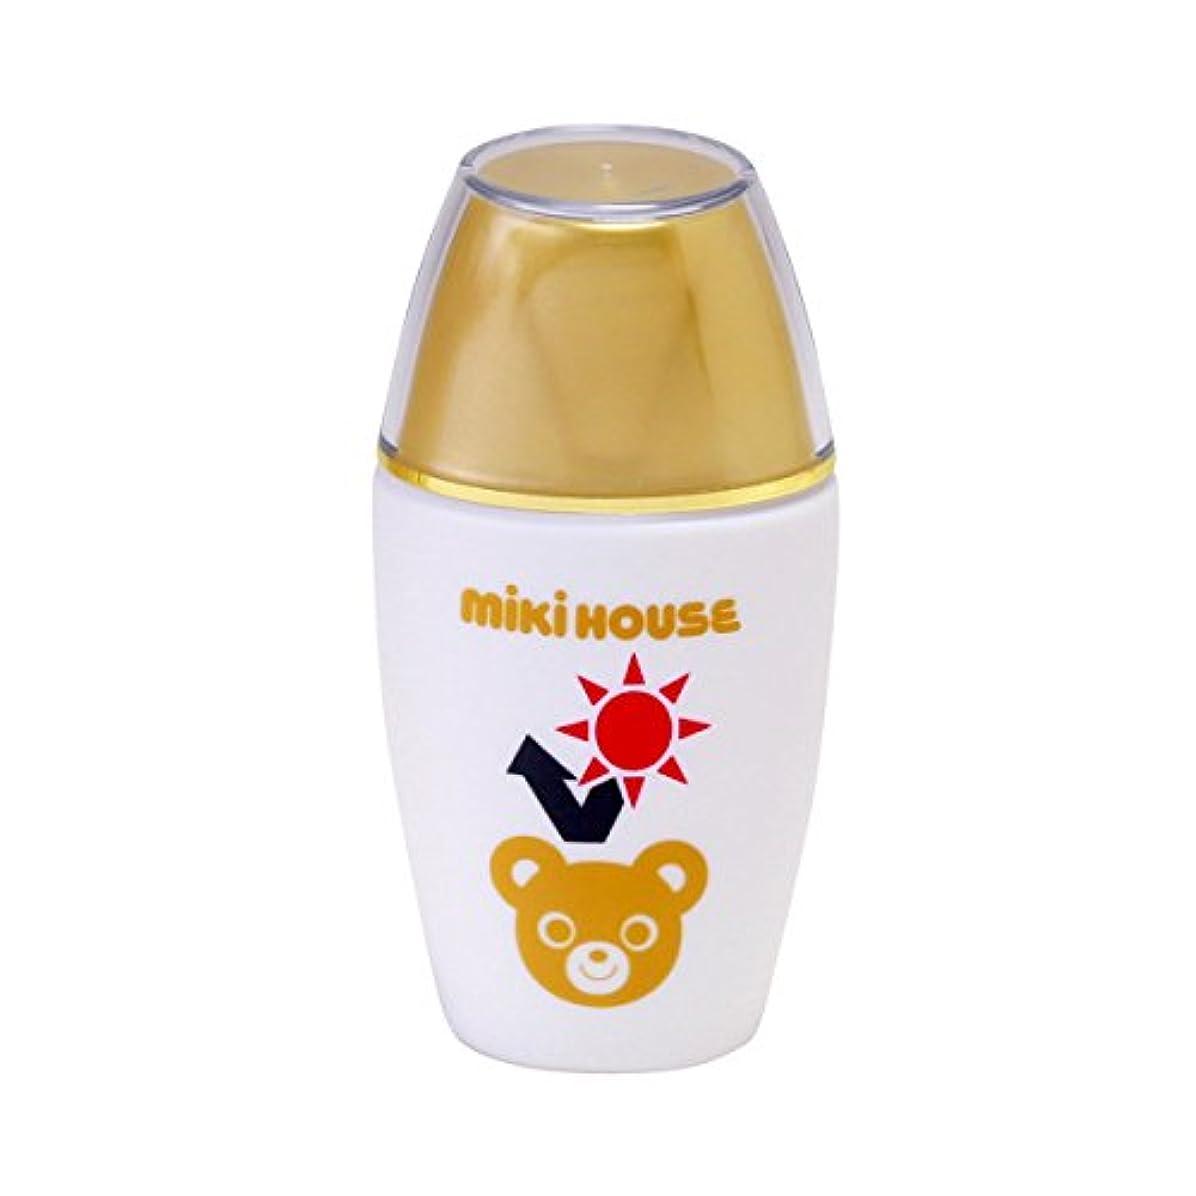 怠惰表示思い出すミキハウス (MIKIHOUSE) UVカットミルク 15-3050-787 - -